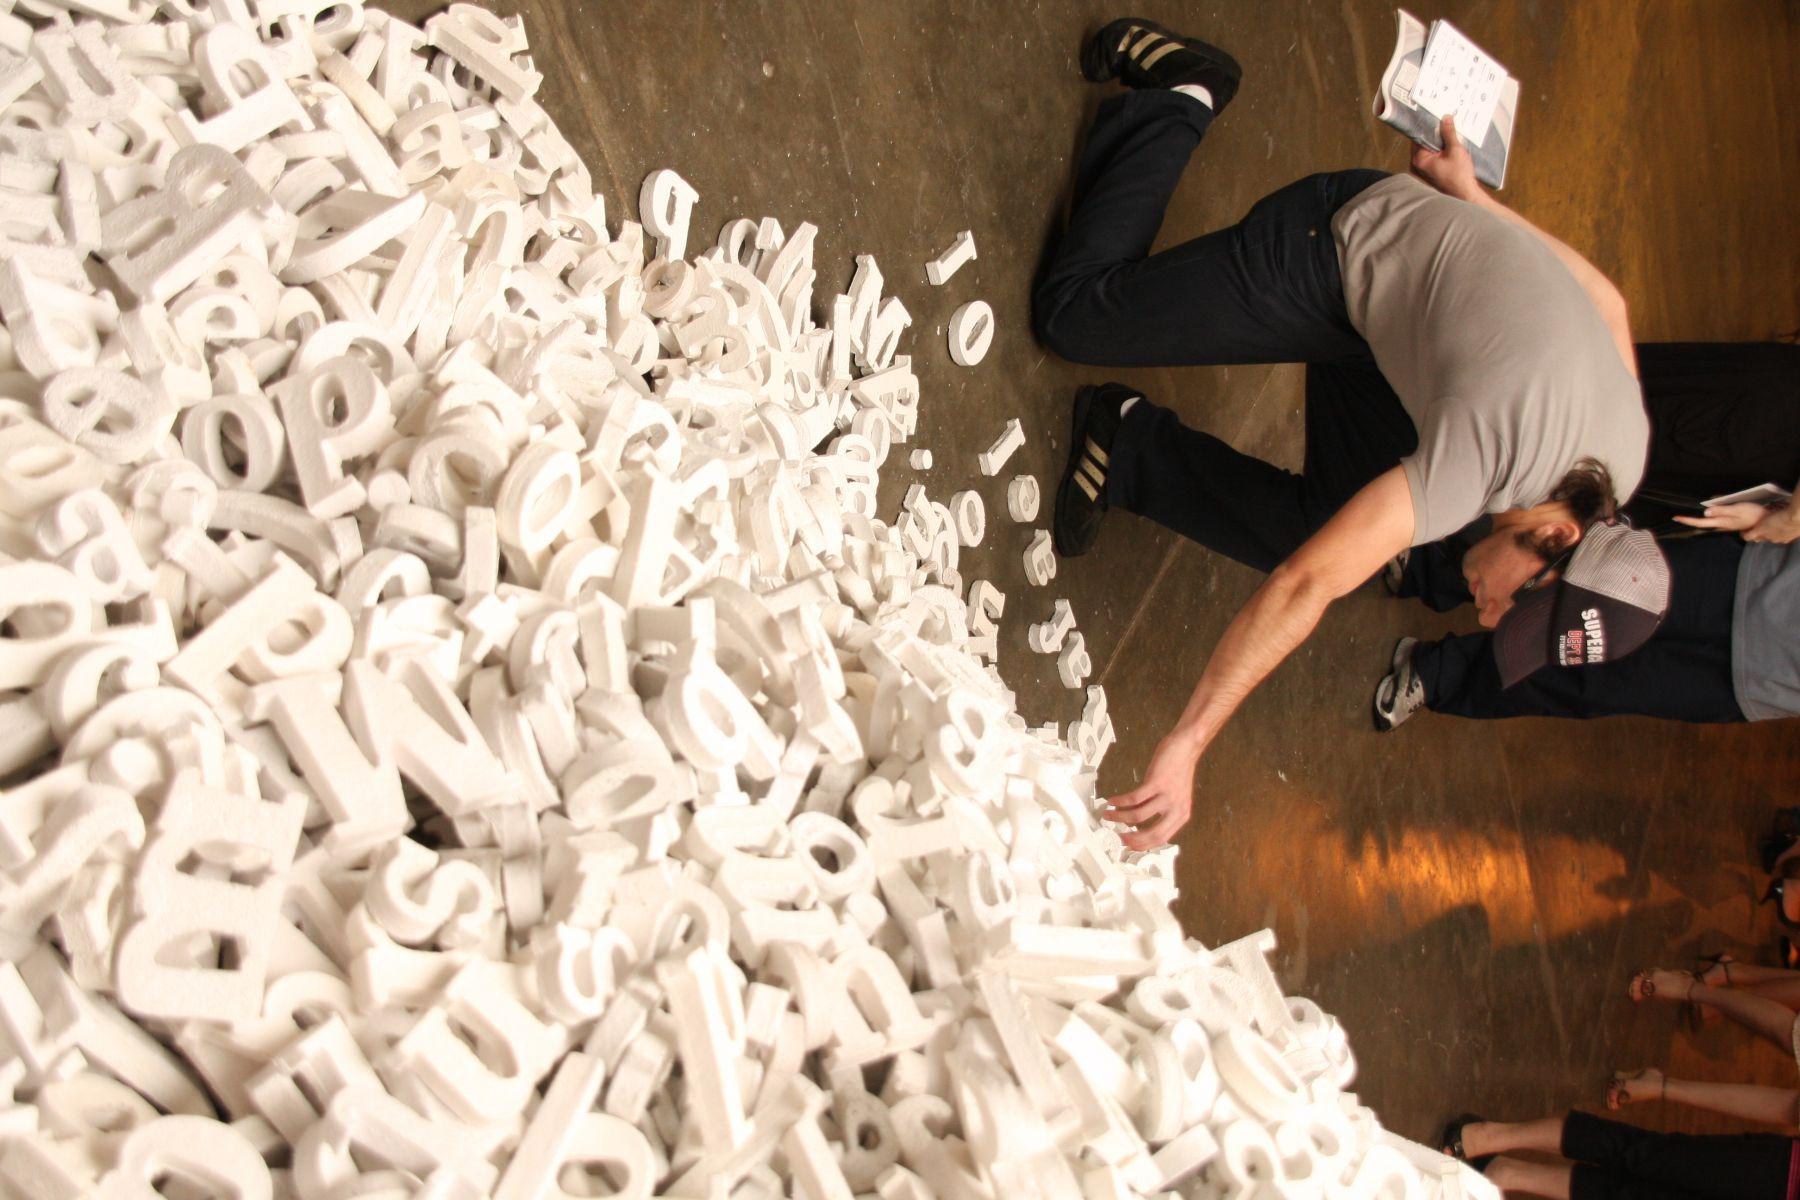 Catalogo, 2009, detailMixed mediaInstallation view,28 Bienal de São Paulo (2009)